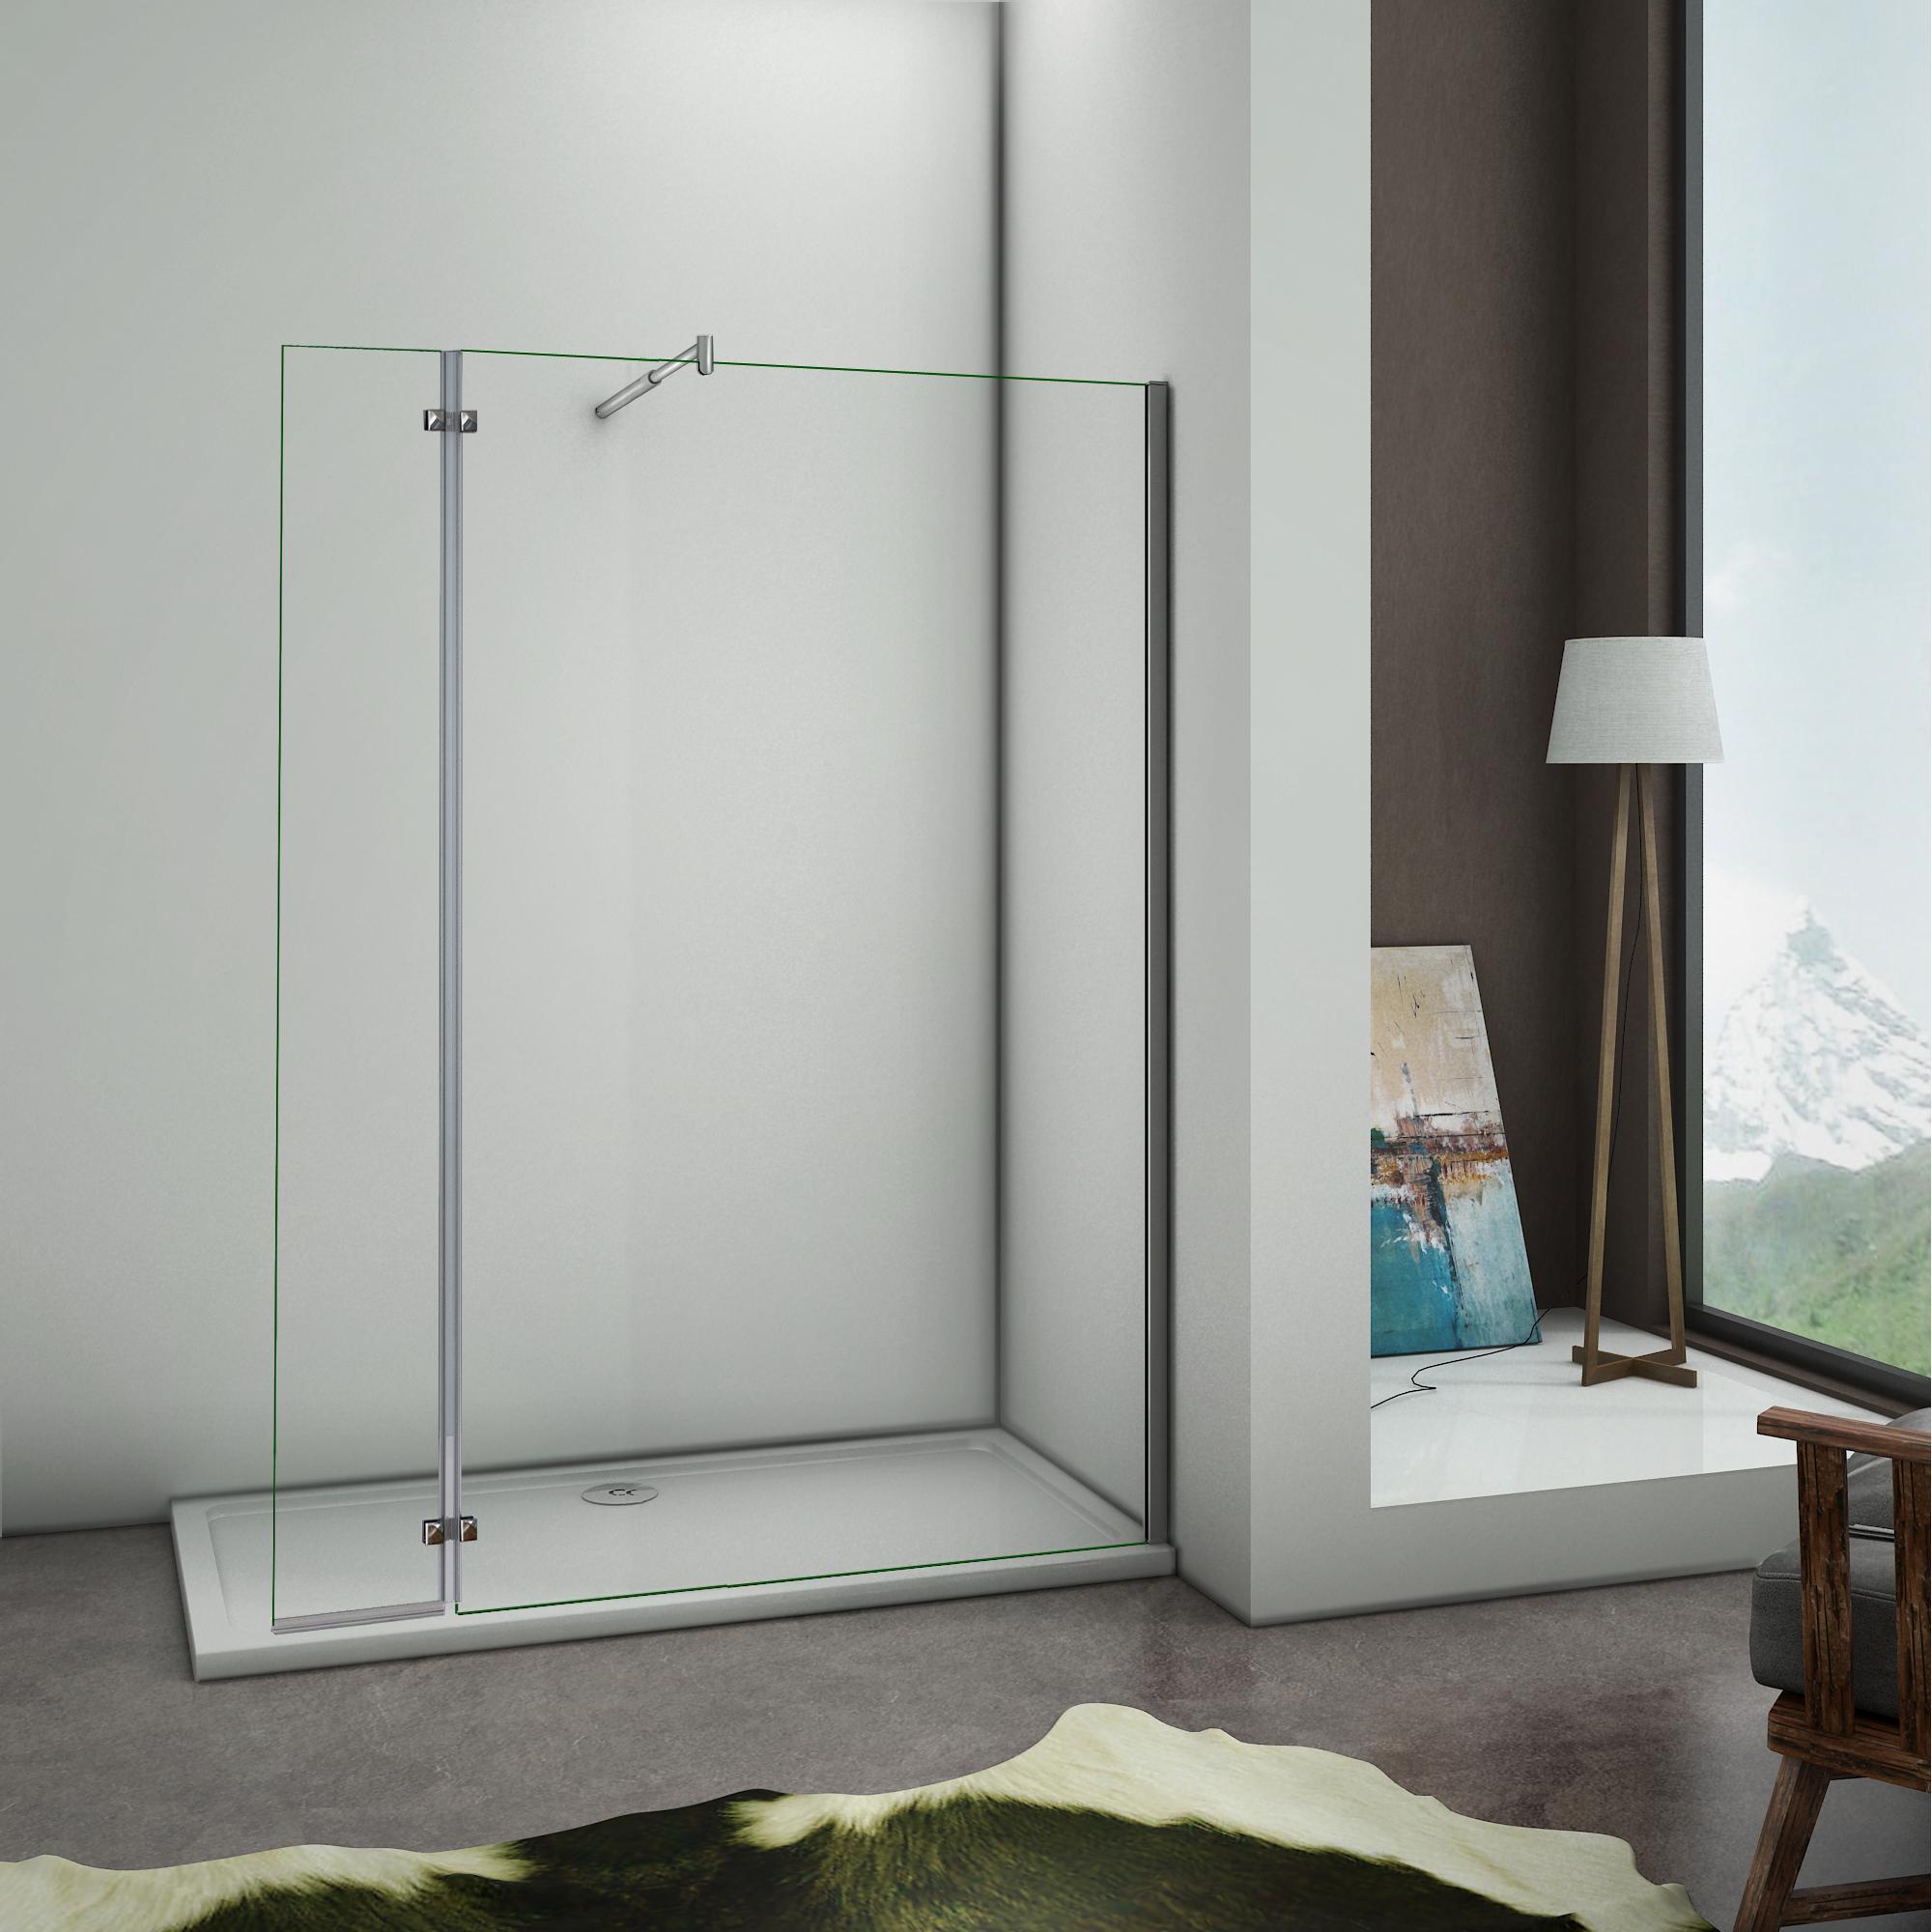 200x100cm paroi de douche avec paroi charni re 40cm. Black Bedroom Furniture Sets. Home Design Ideas